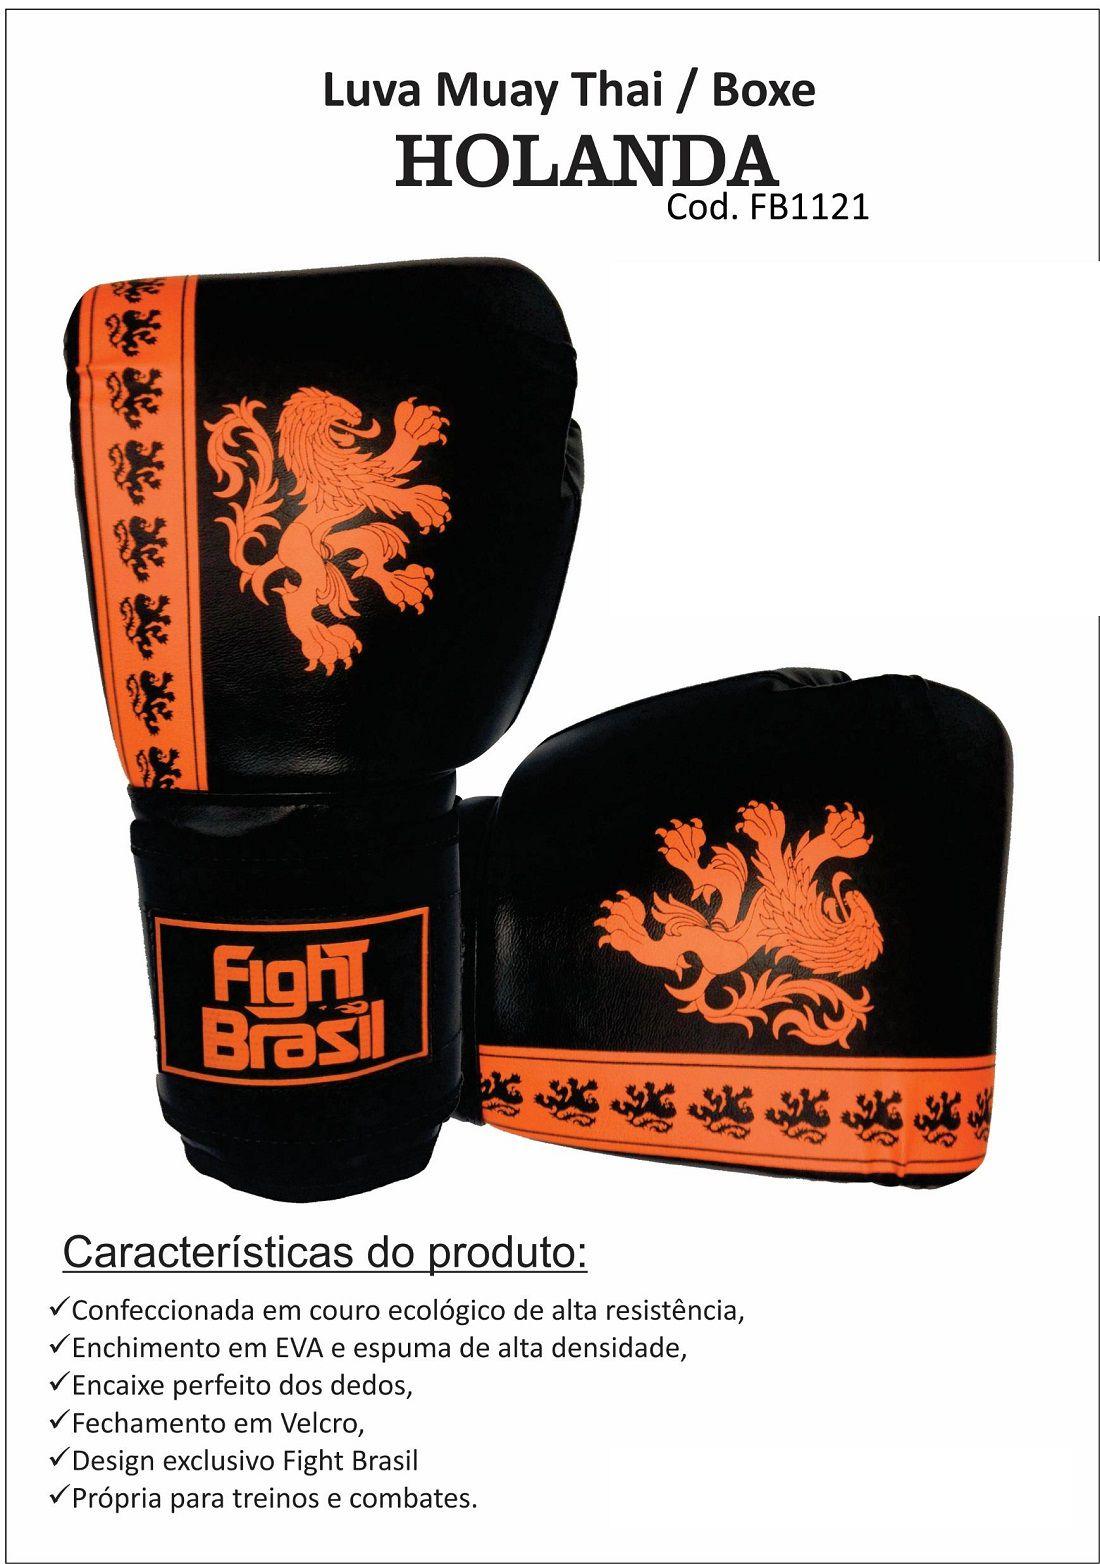 707df399b Luva Muay Thai e Boxe de Treino Fight Brasil Fbx 1374 com NF ...